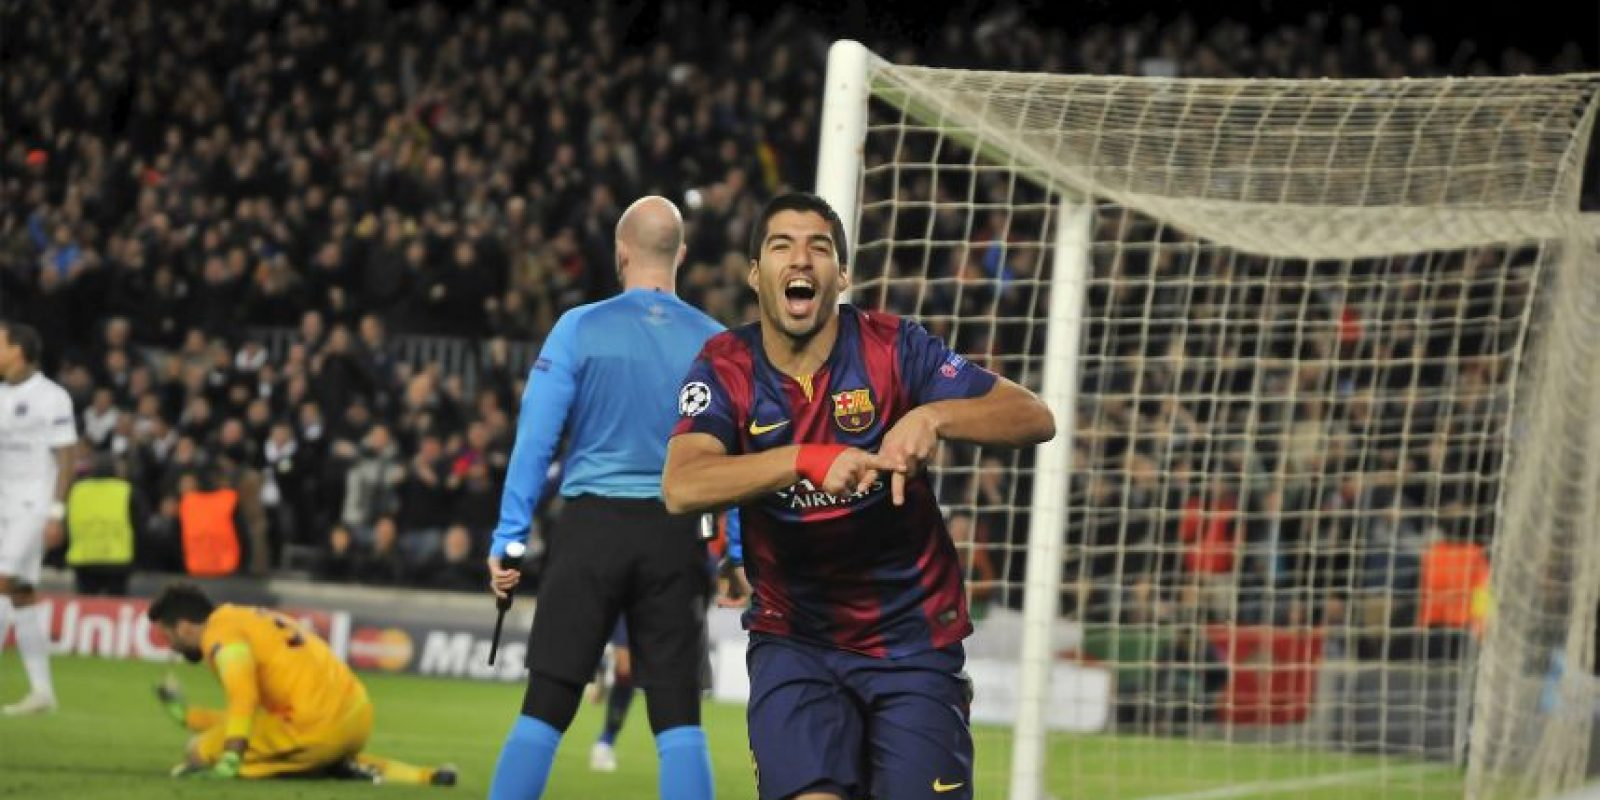 El delantero uruguayo celebró en grande su primera anotación en un partido oficial con la camiseta culé Foto:Ramón Mompió